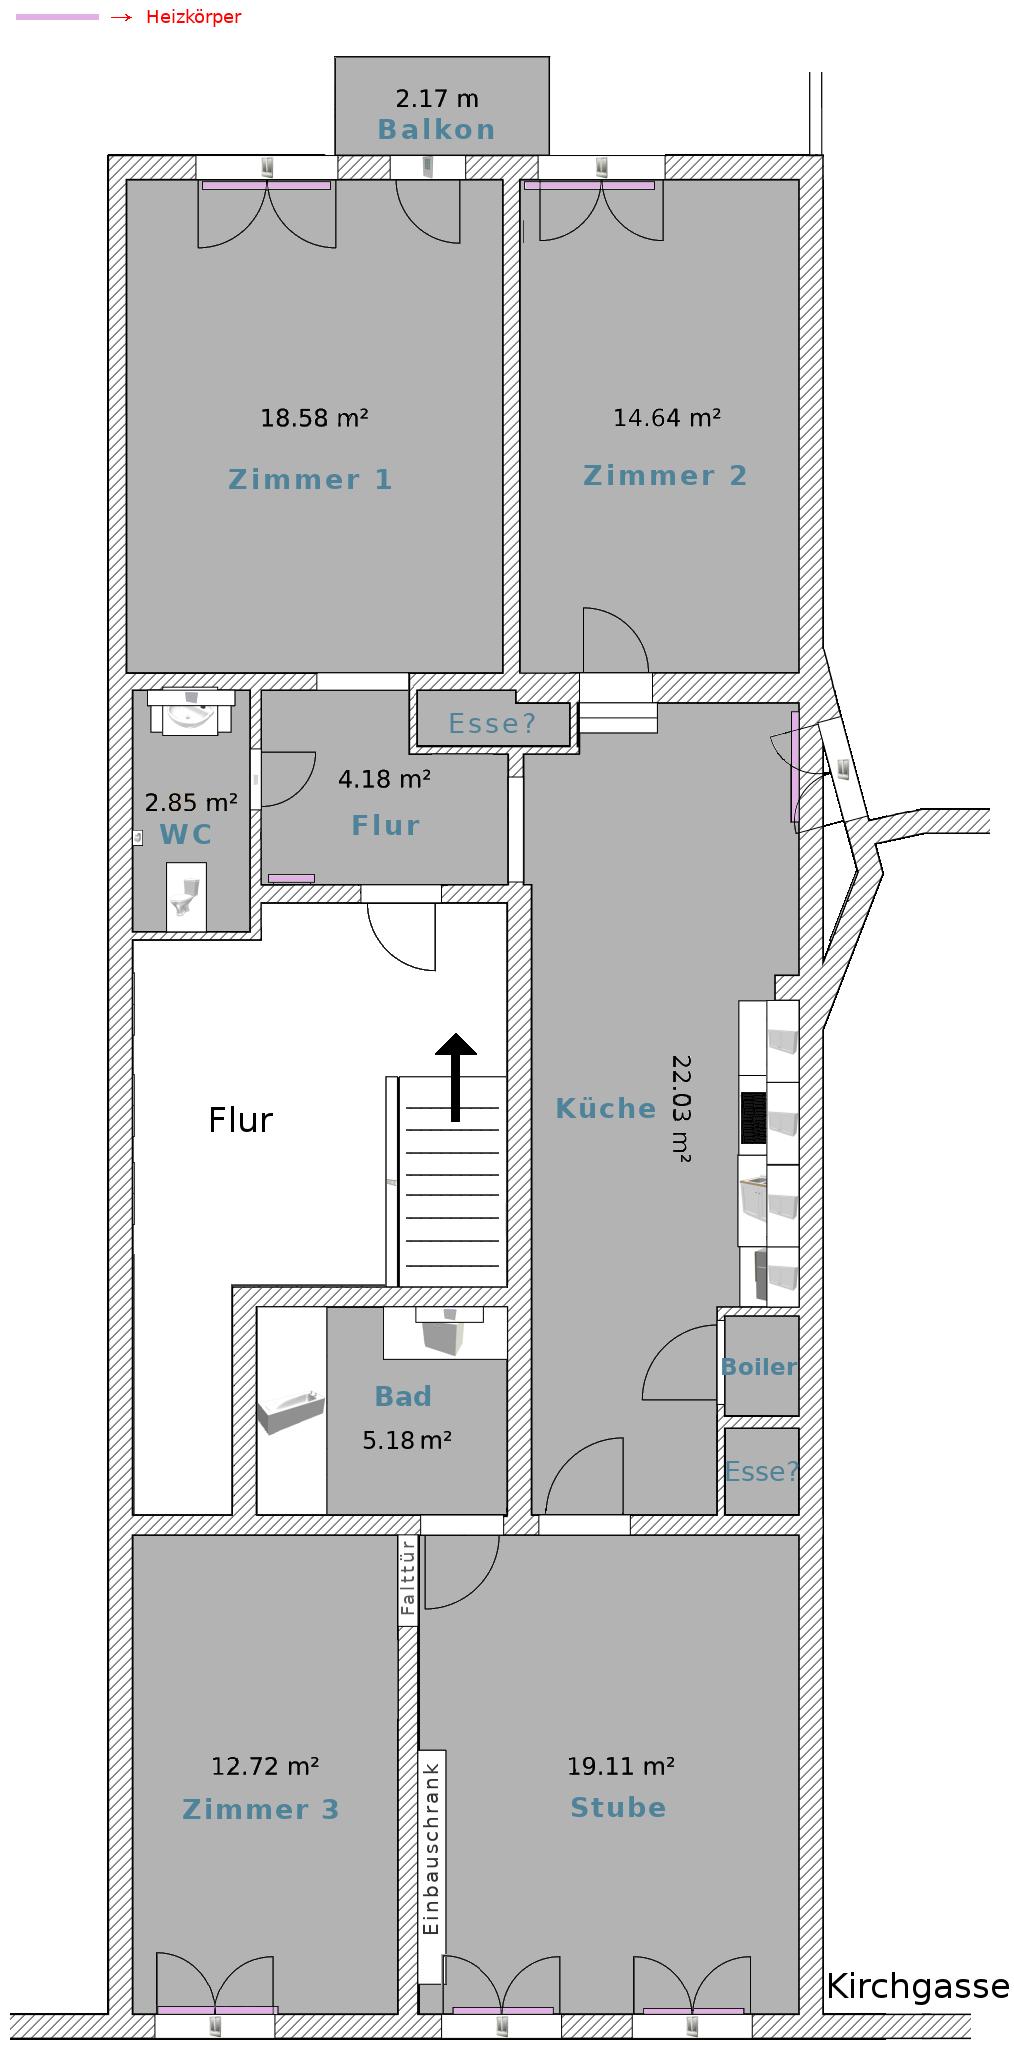 Grundriss-Kirchgasse 8-OG1